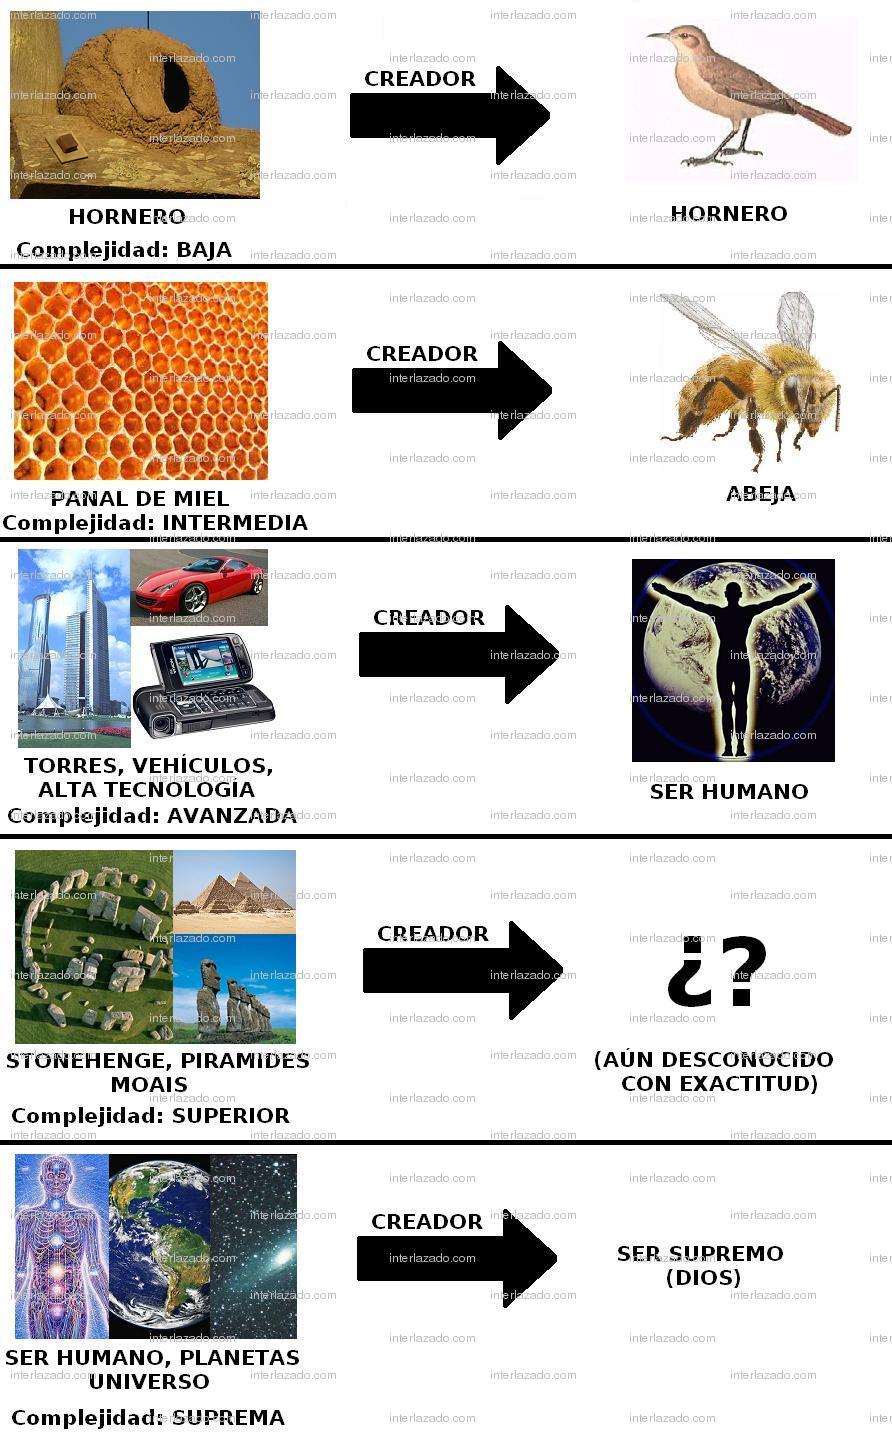 Teoría de la Creación